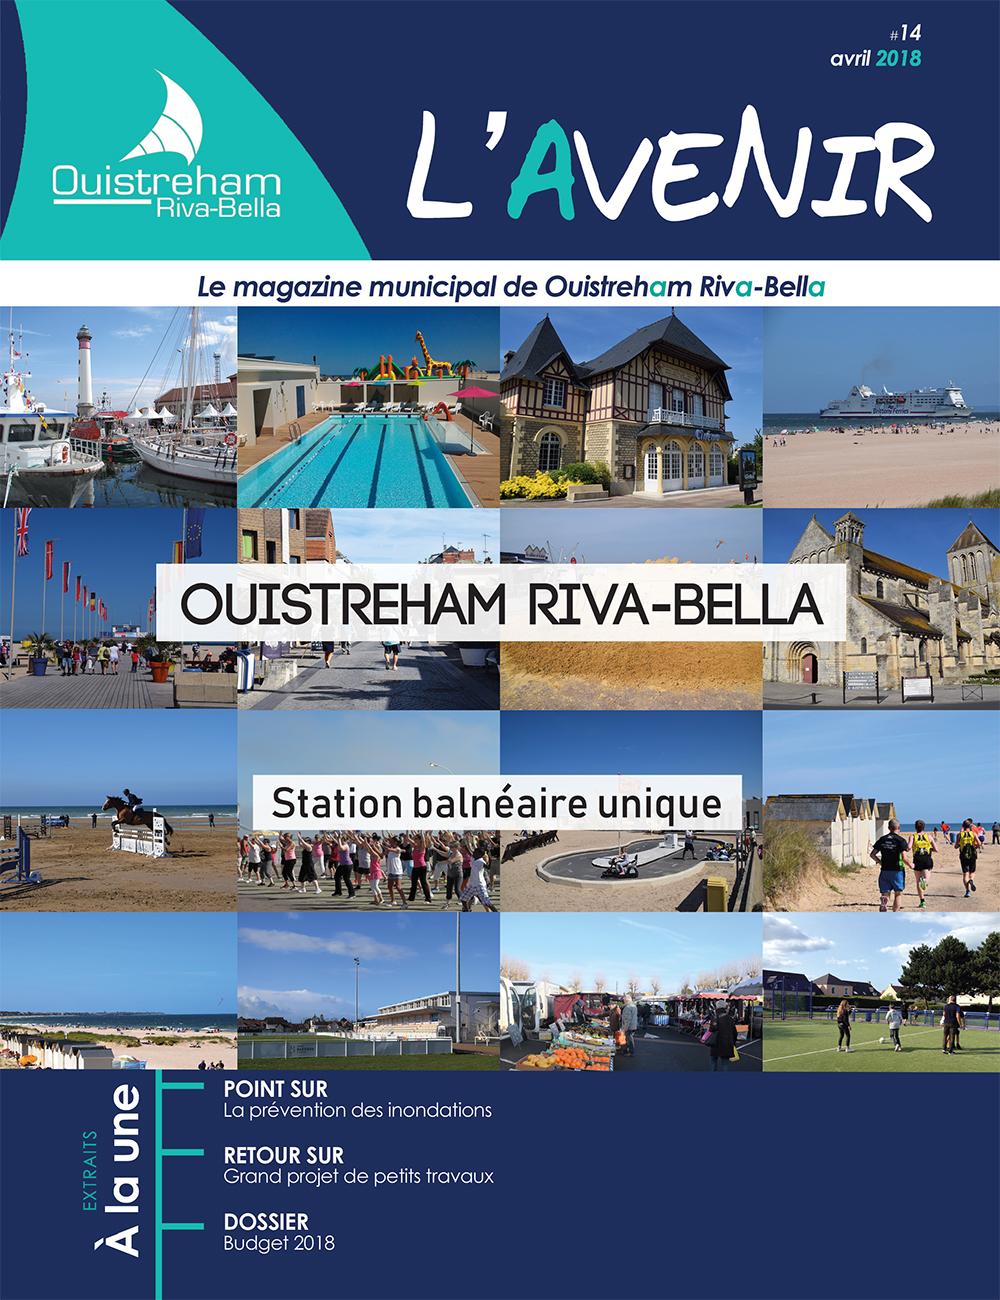 Magazine municipal - L'Avenir n°14 - Ouistreham Riva-Bella - avril 2018